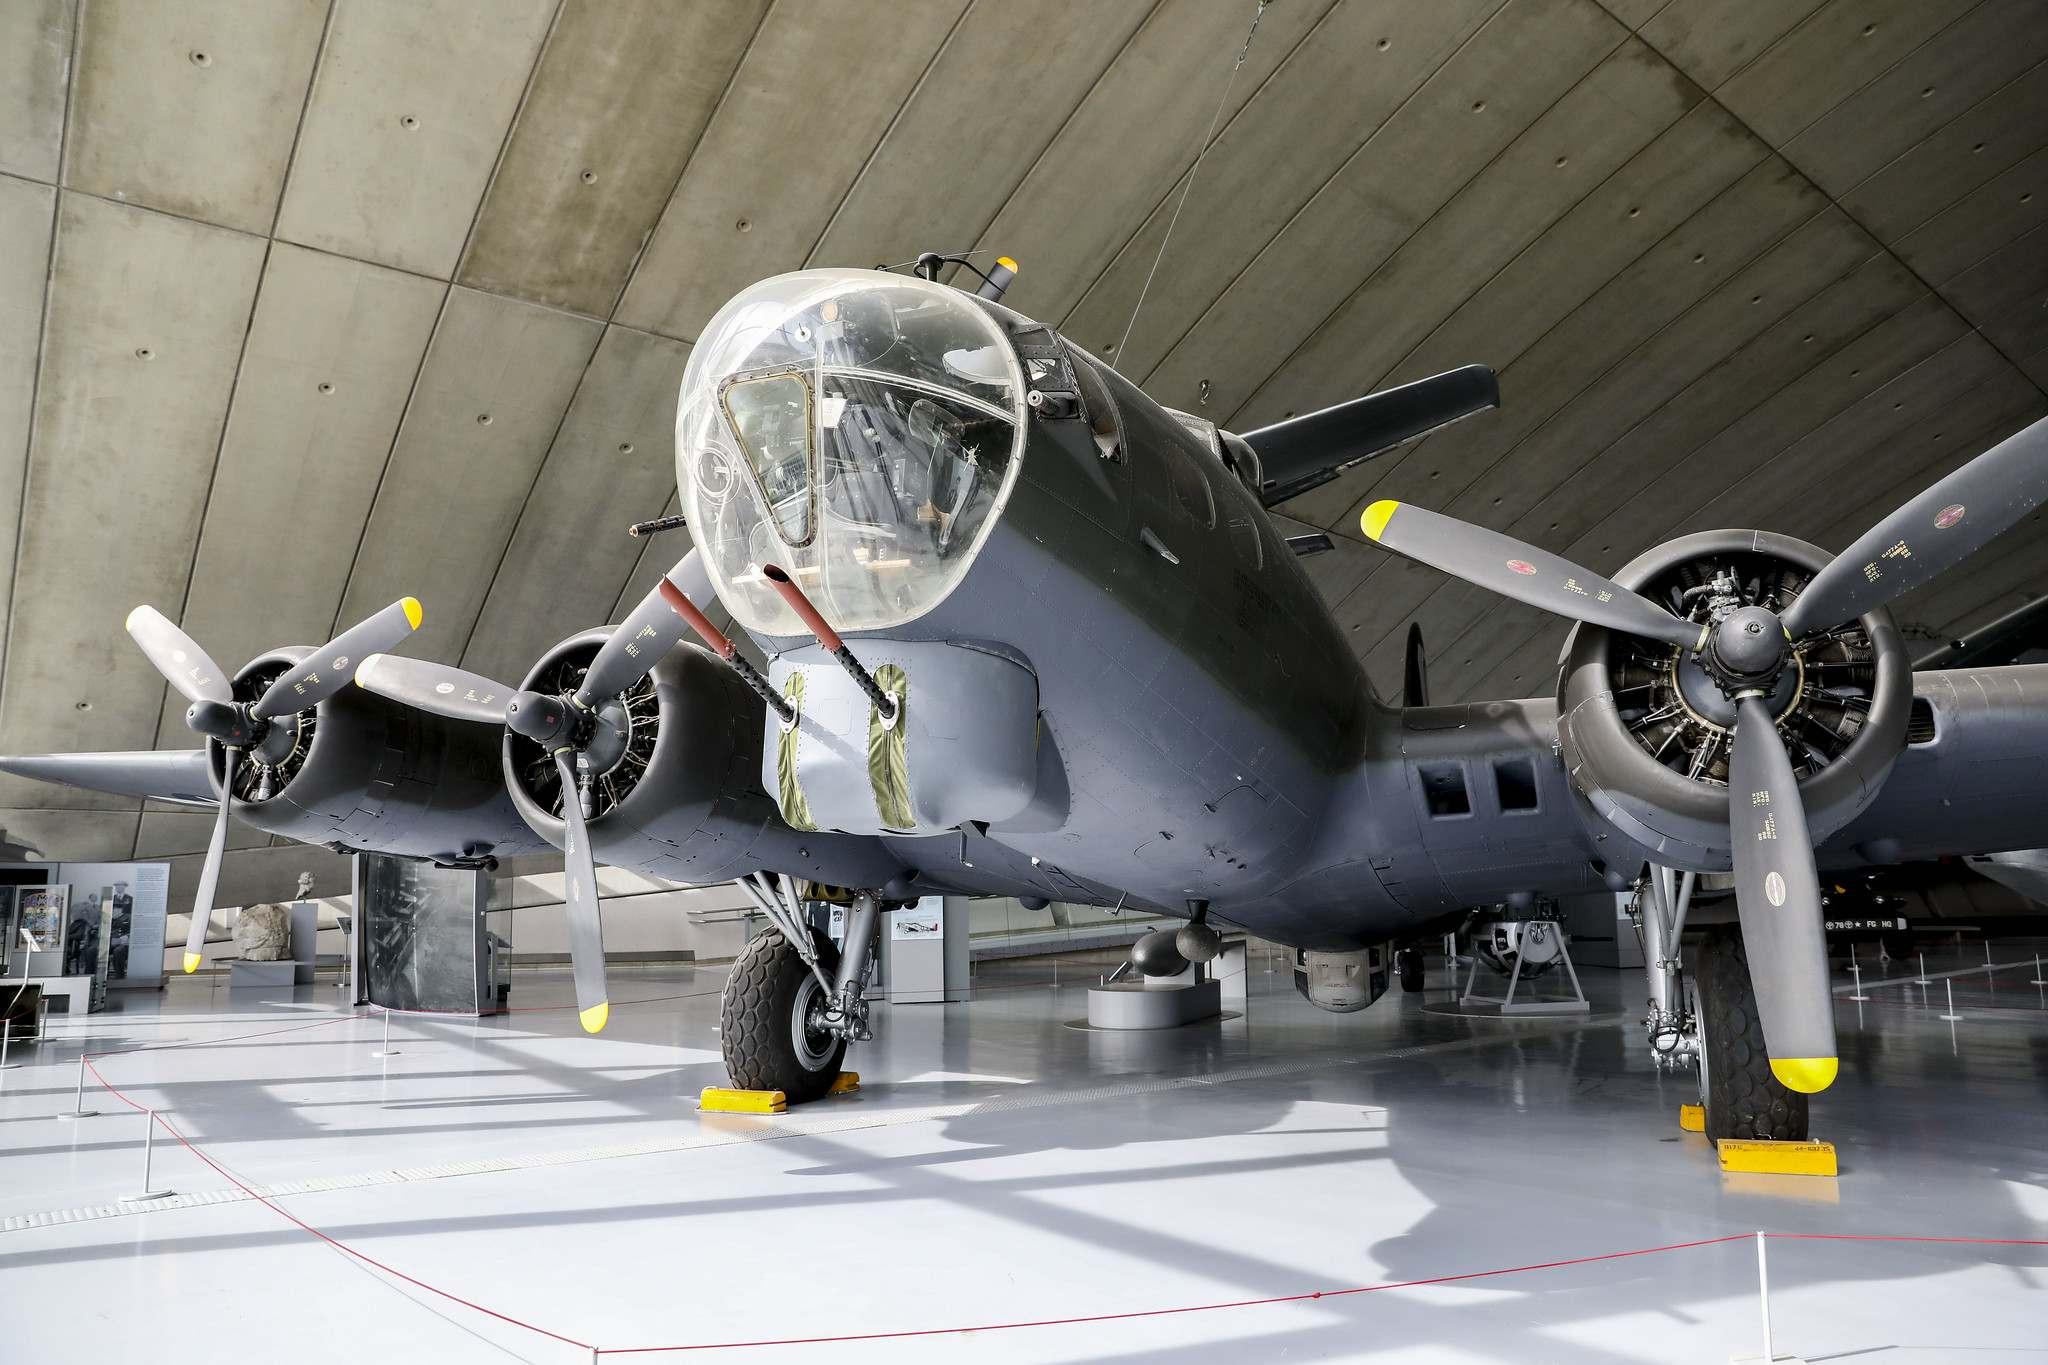 duxford air museum10 Imperial War Museum Duxford in Cambridge, England